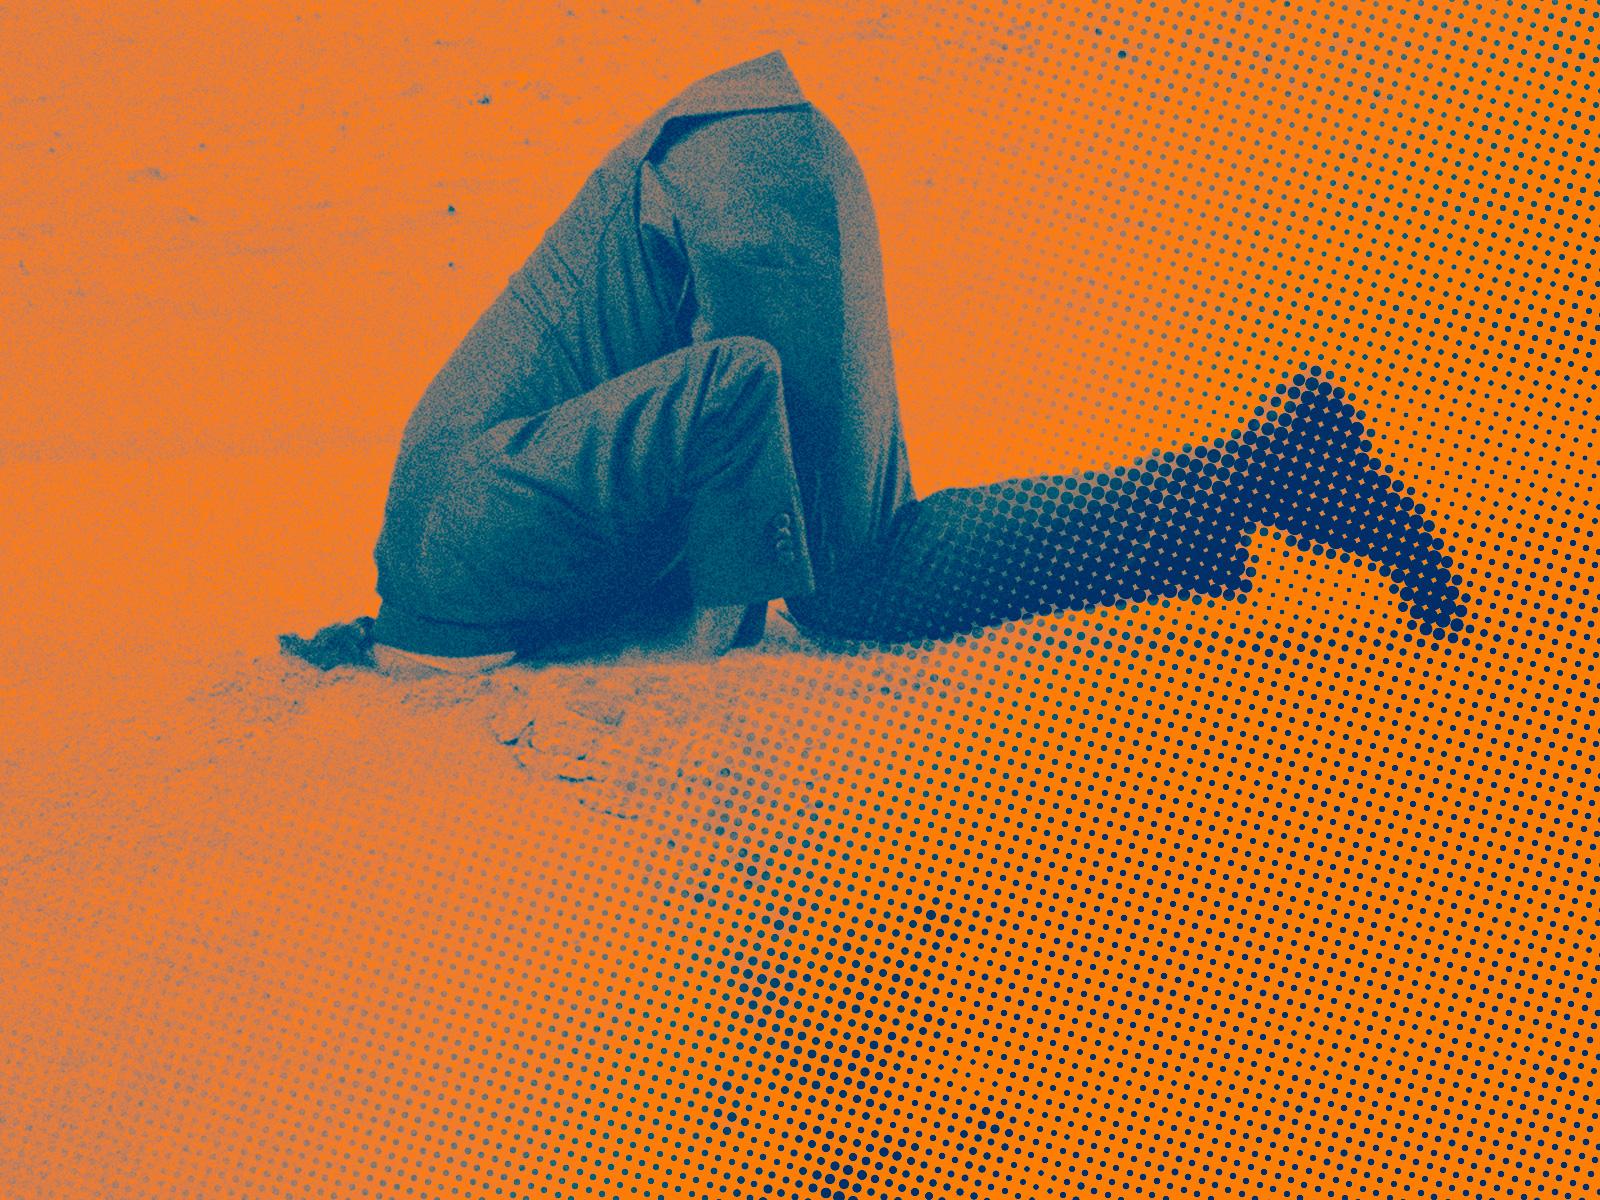 kop_in_het_zand_oranje